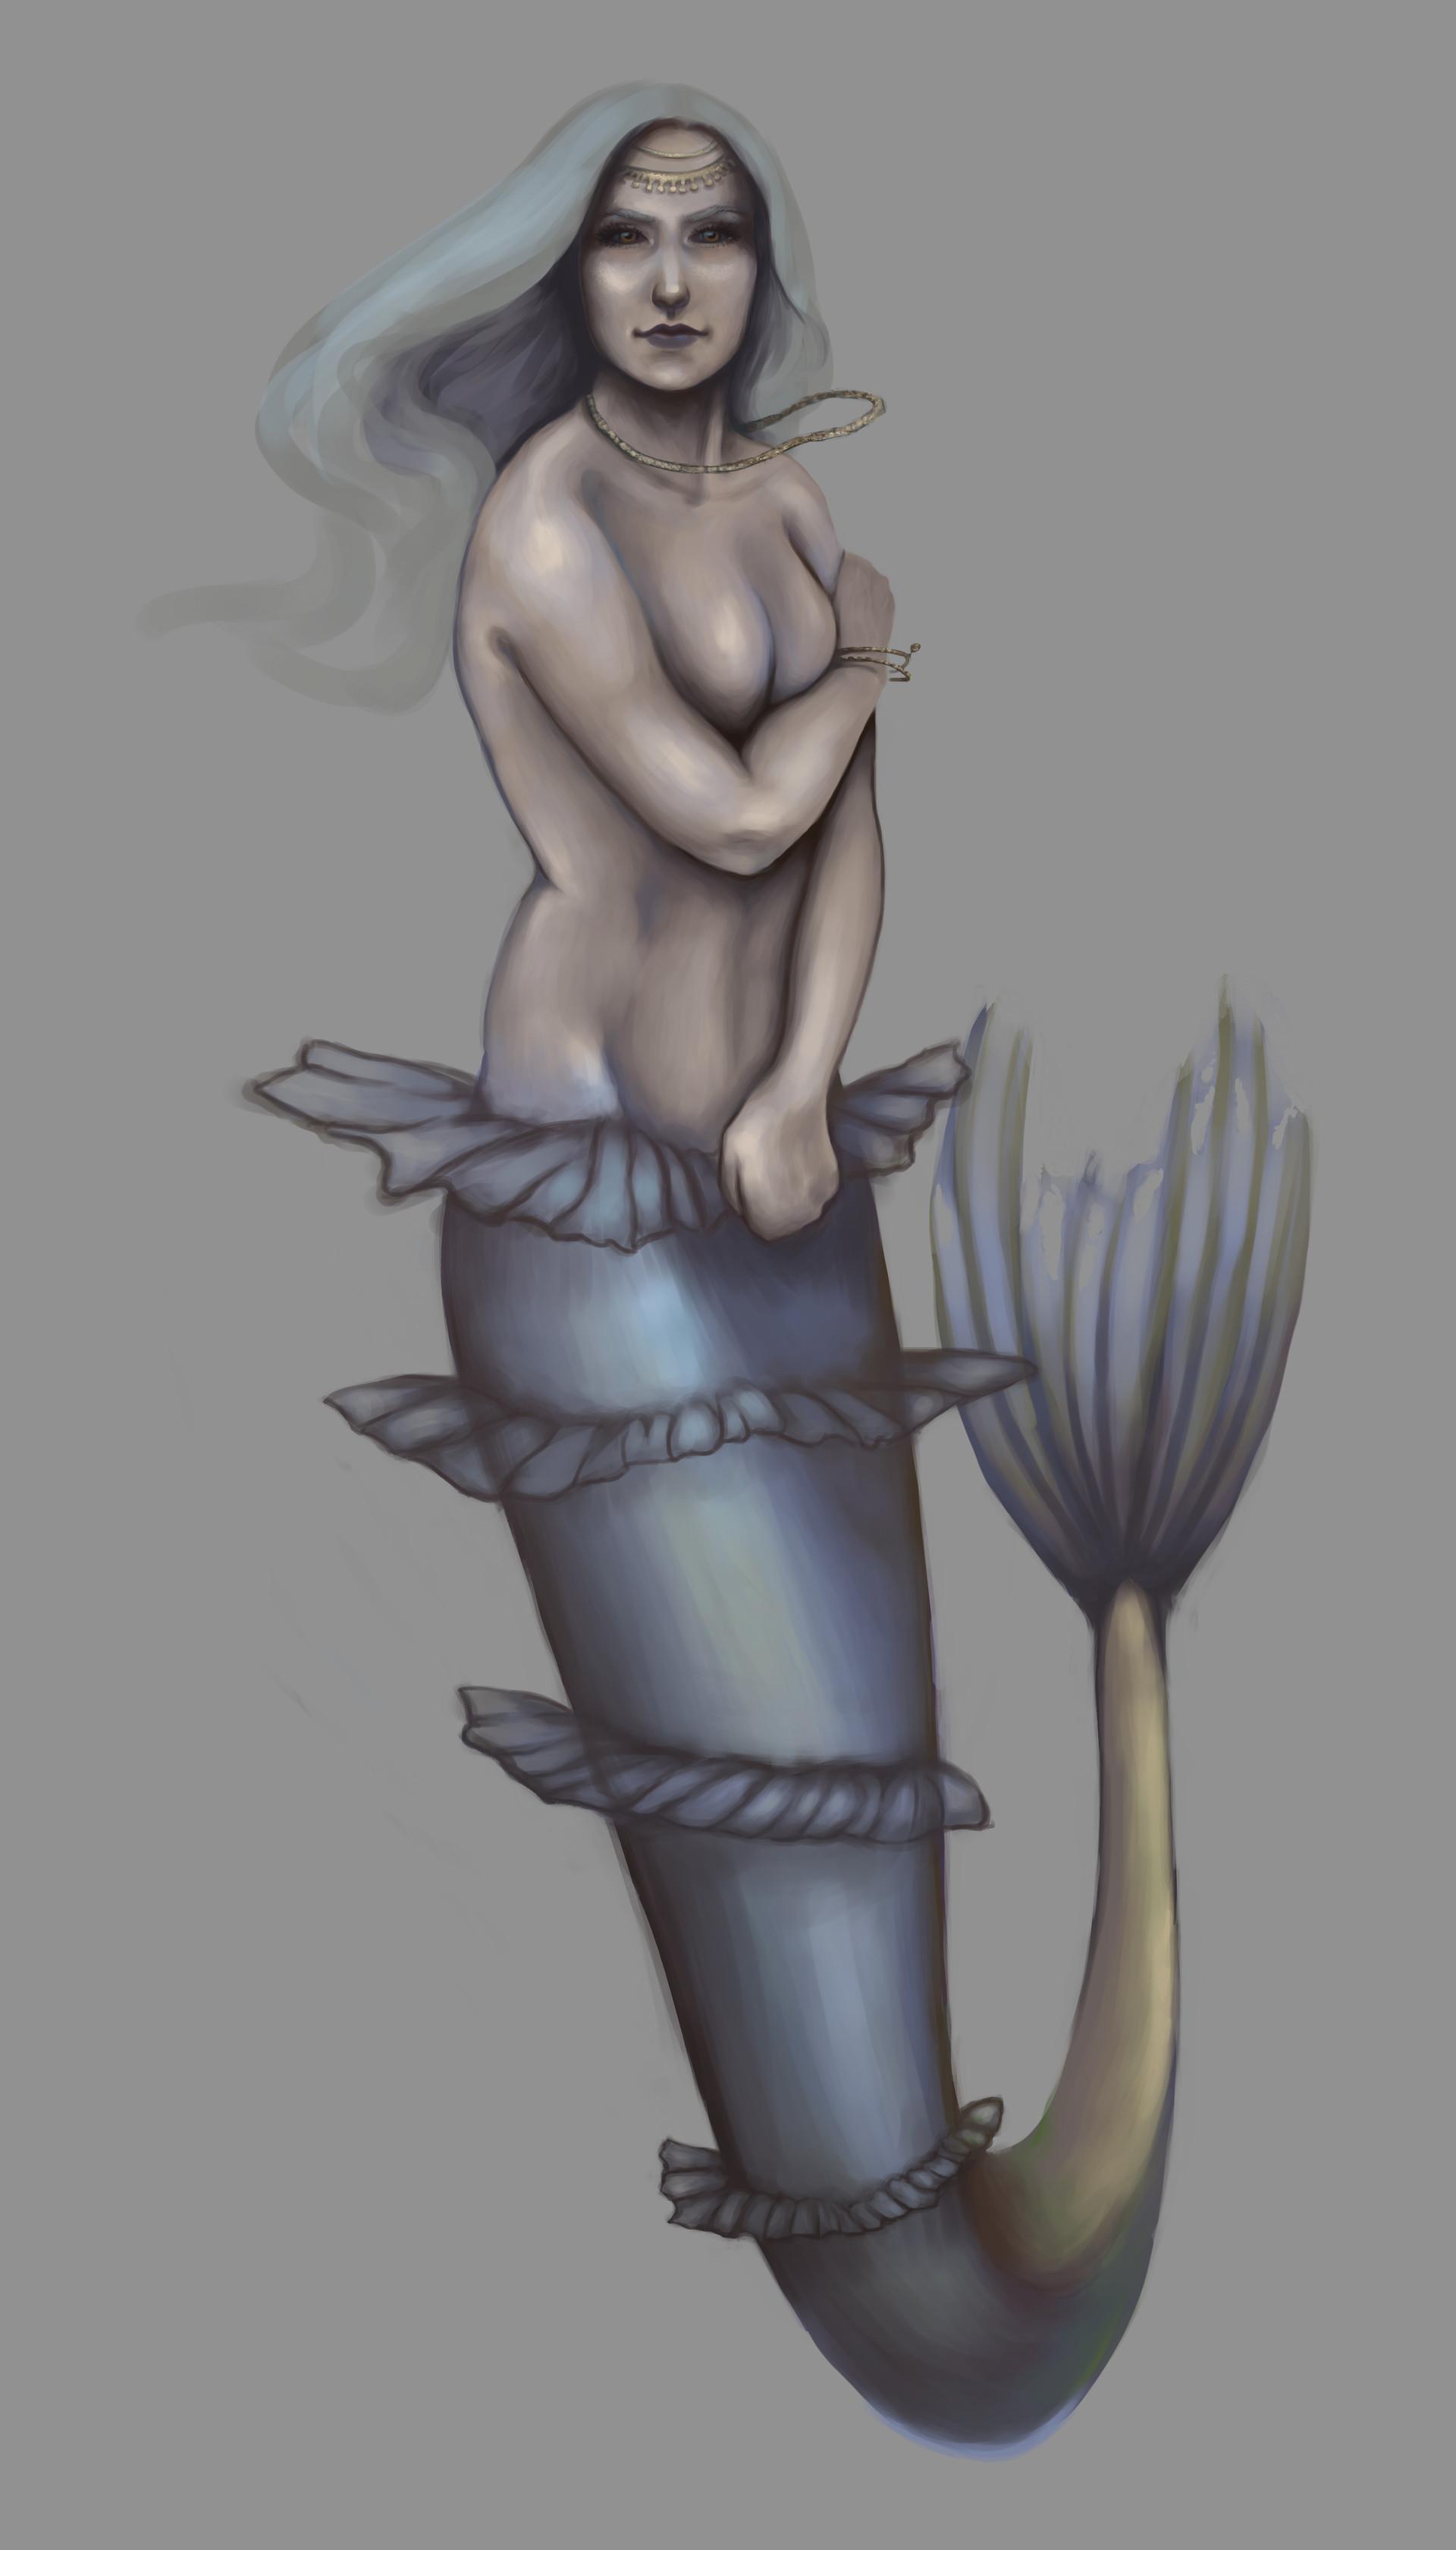 Teodora dimova 7